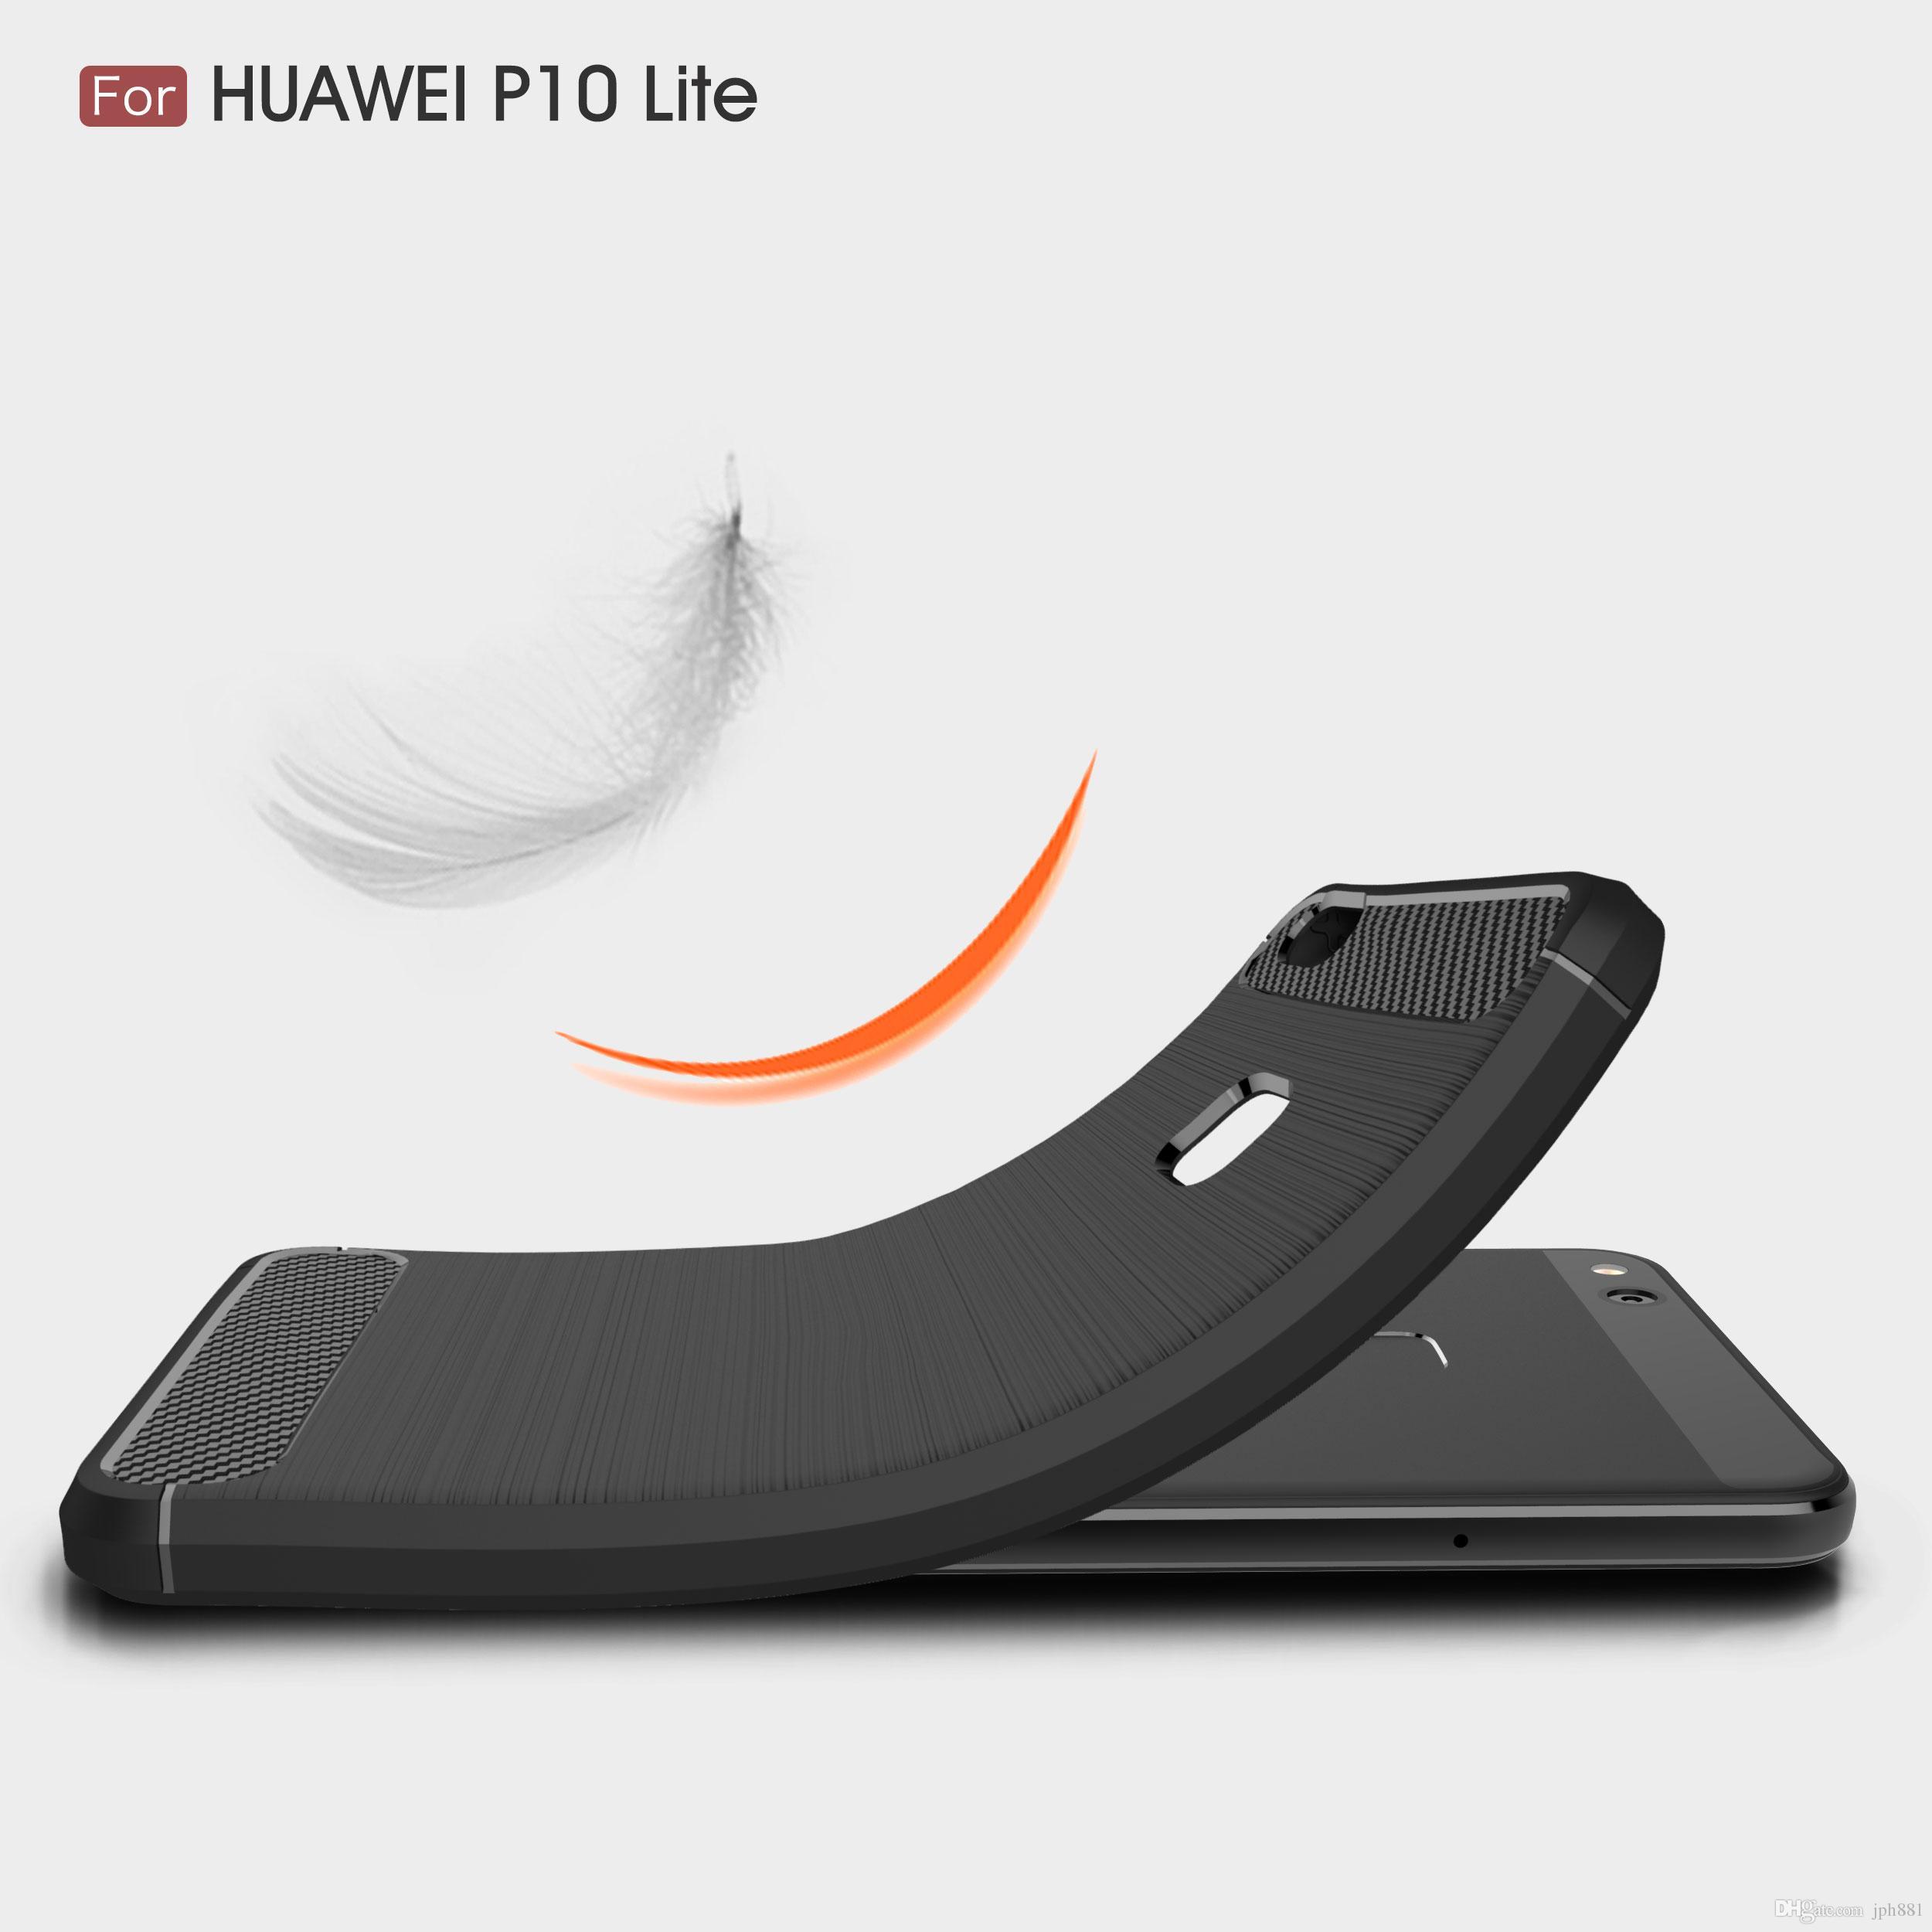 Custodia in fibra di carbonio P10 Lite NOVA 2 P8 Lite P9 Lite Scopri 7 Plus Y3 Y5 2017 Custodia morbida in TPU spazzolato iPhone